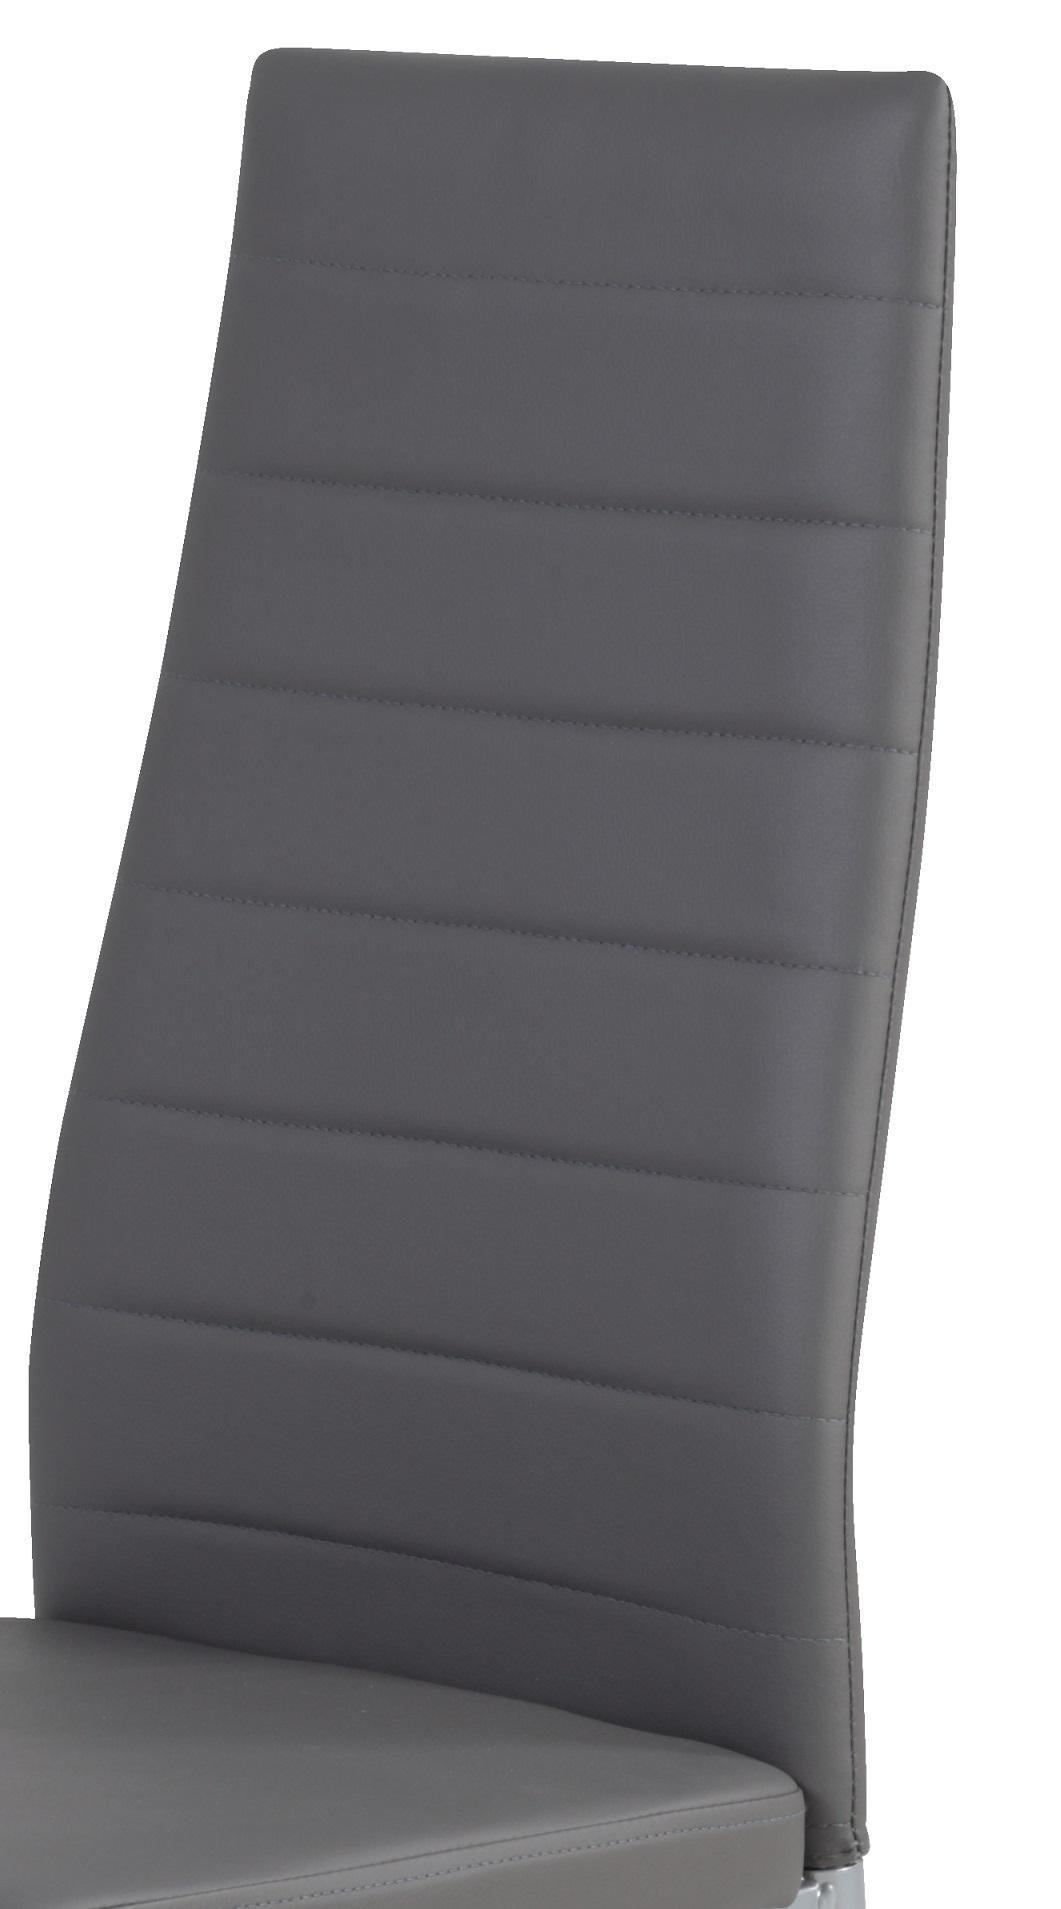 4 Stühle=Set Vierfussstuhl Stuhl Simone S 52 Kunstleder Grau